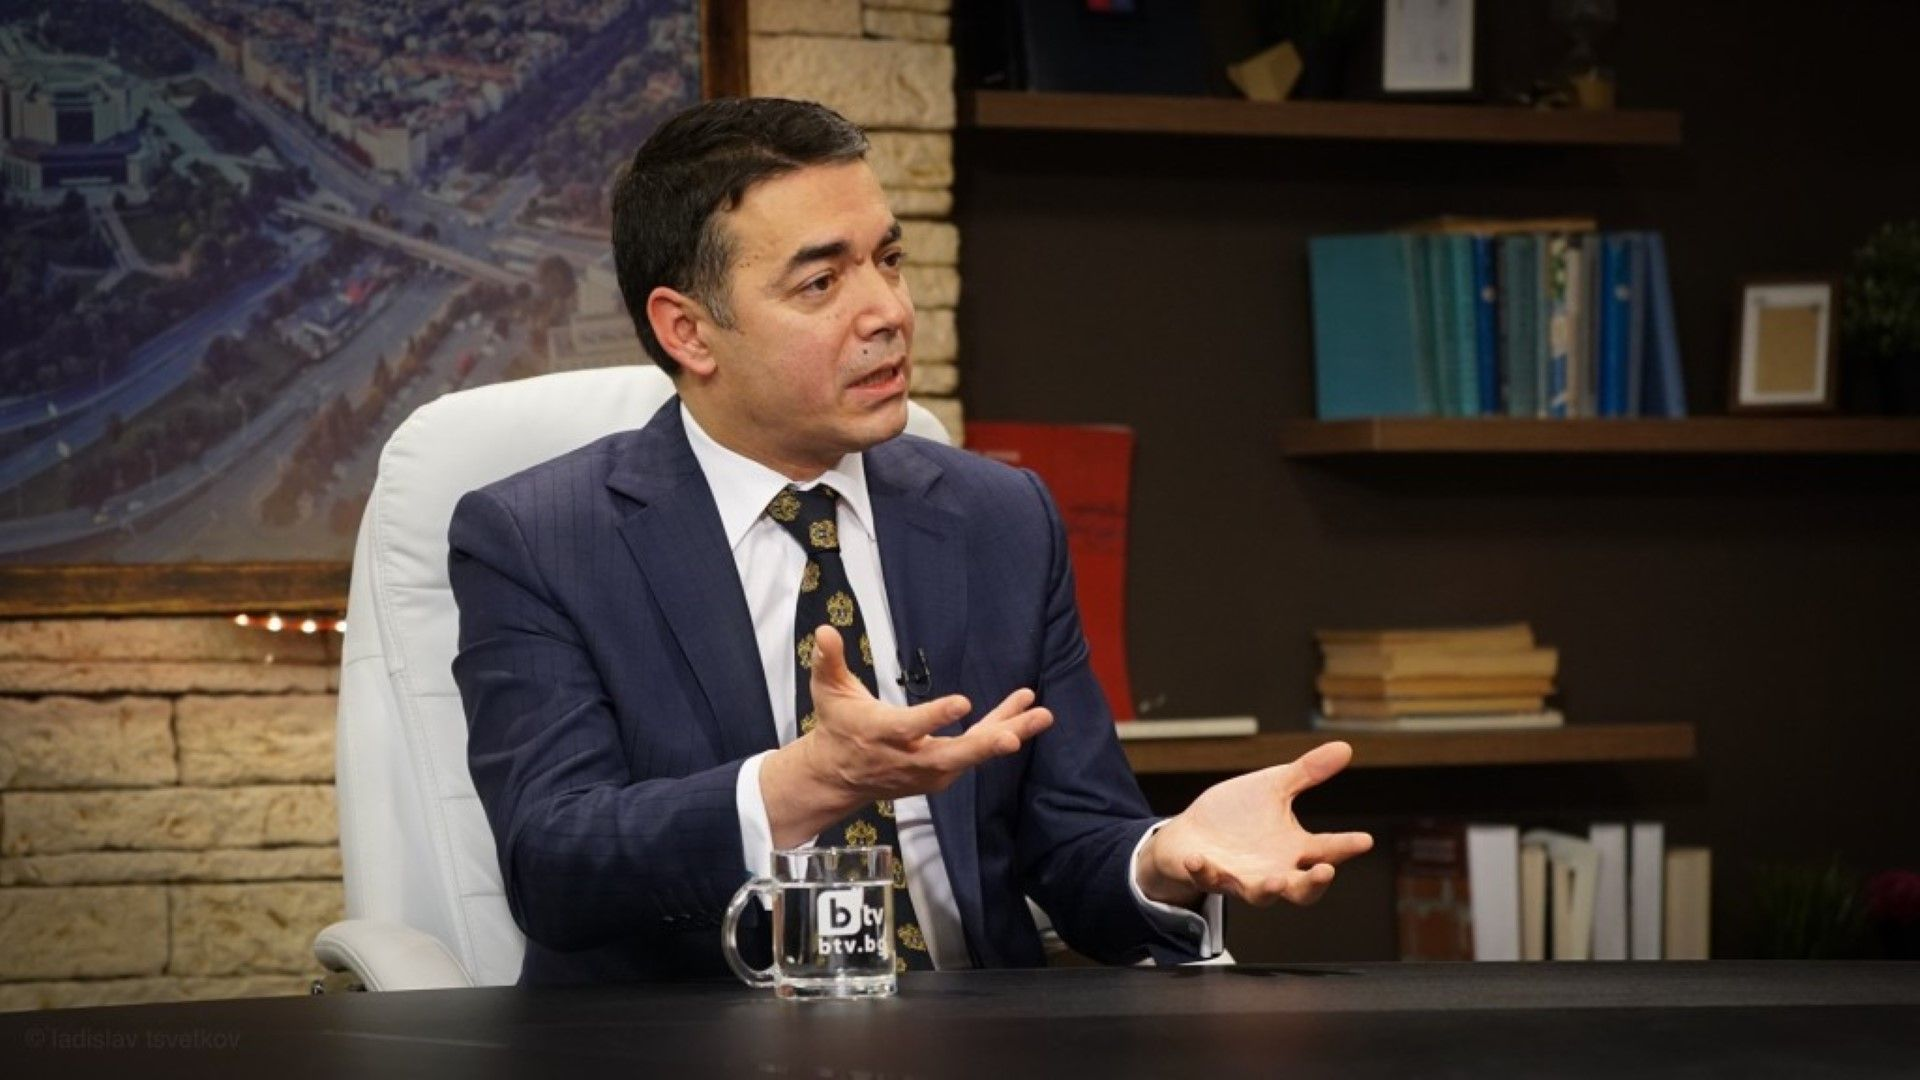 Македонският външен министър: България и Македония имат много общи исторически моменти